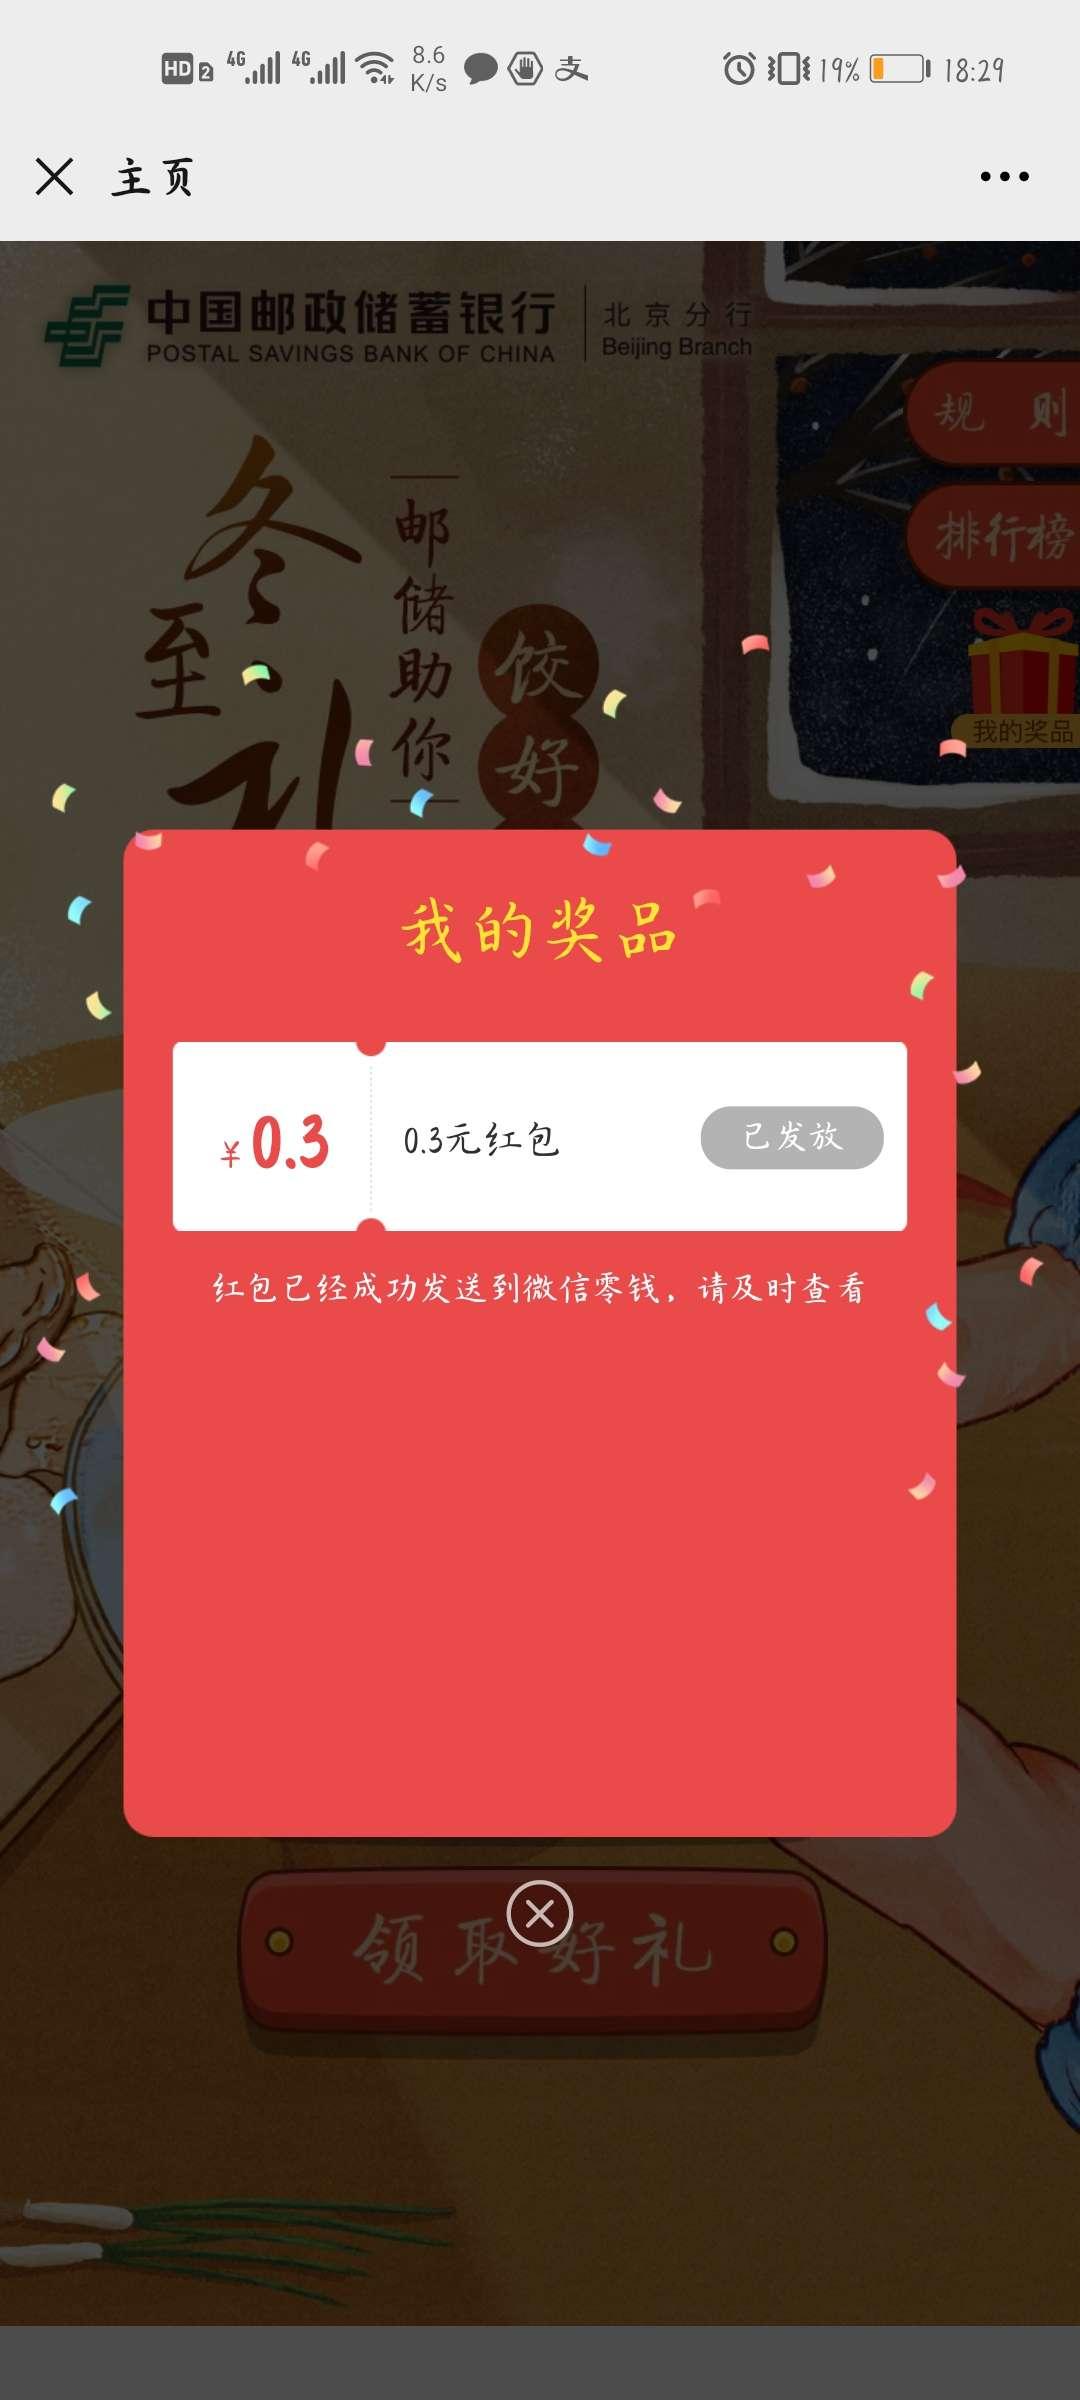 图片[5]-邮储银行北京分行做活动领红包-老友薅羊毛活动线报网